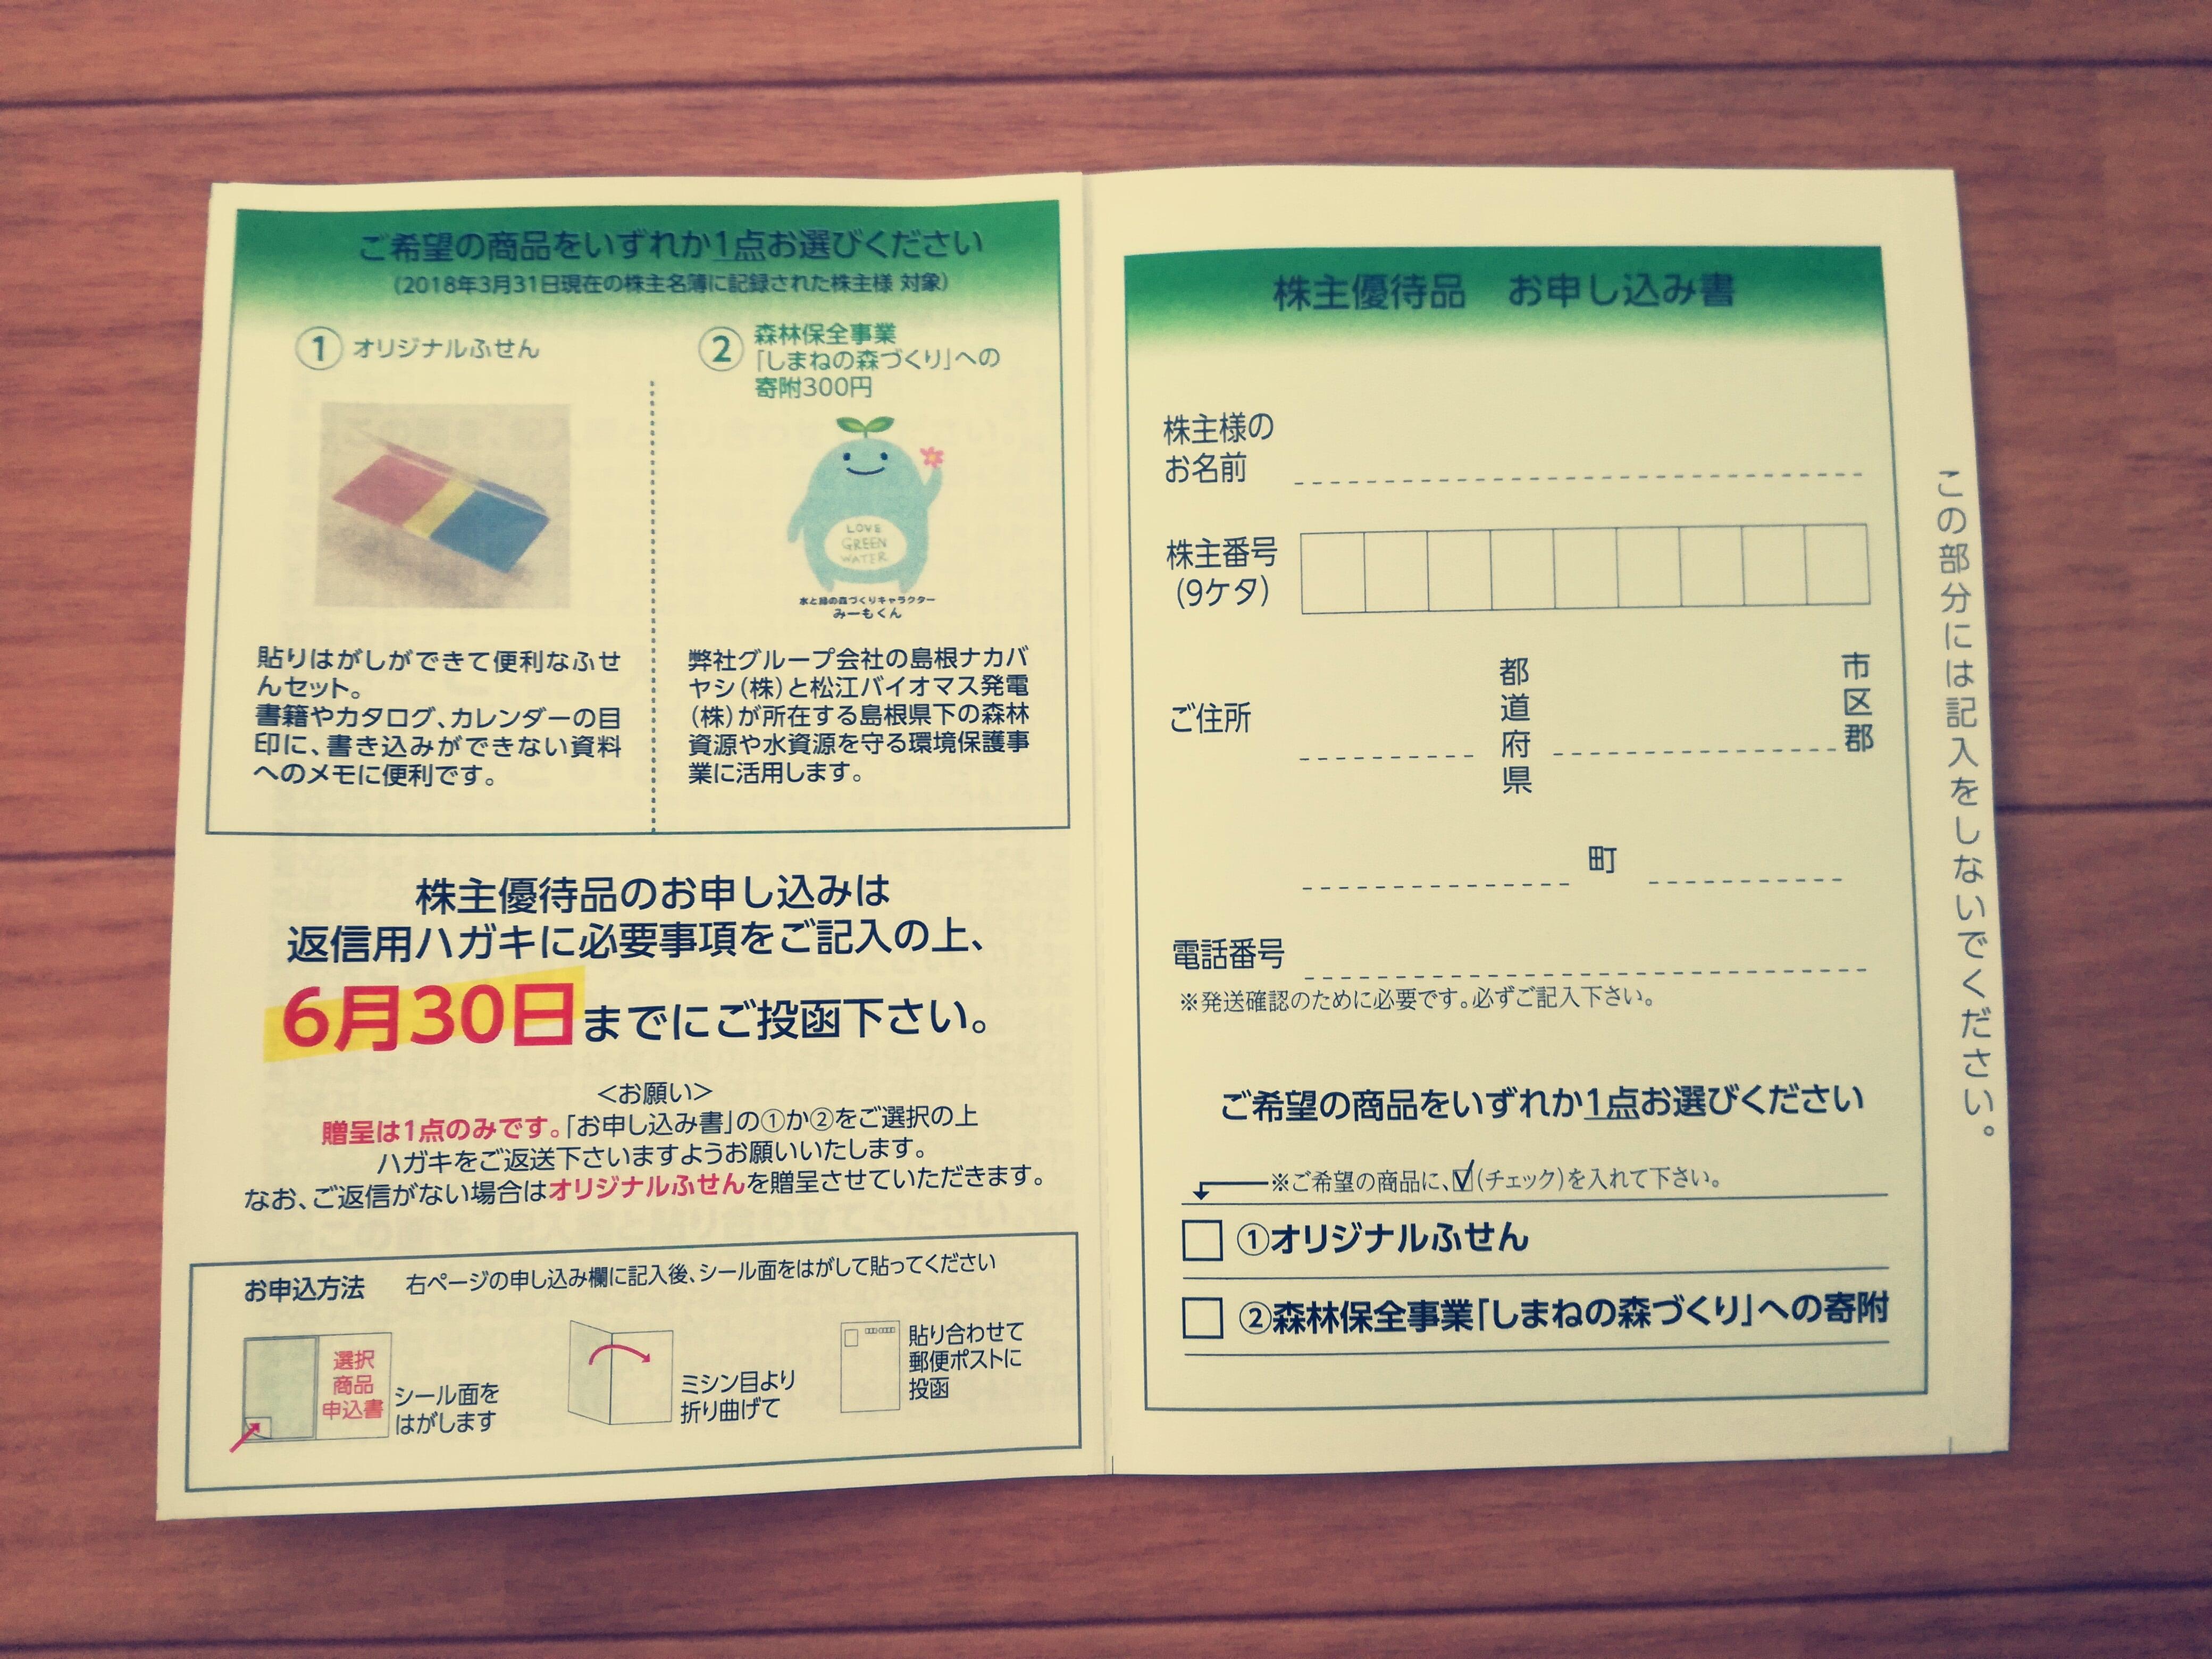 ナカバヤシ(7987)から株主優待案内ハガキが到着!オリジナル付箋を選択します!